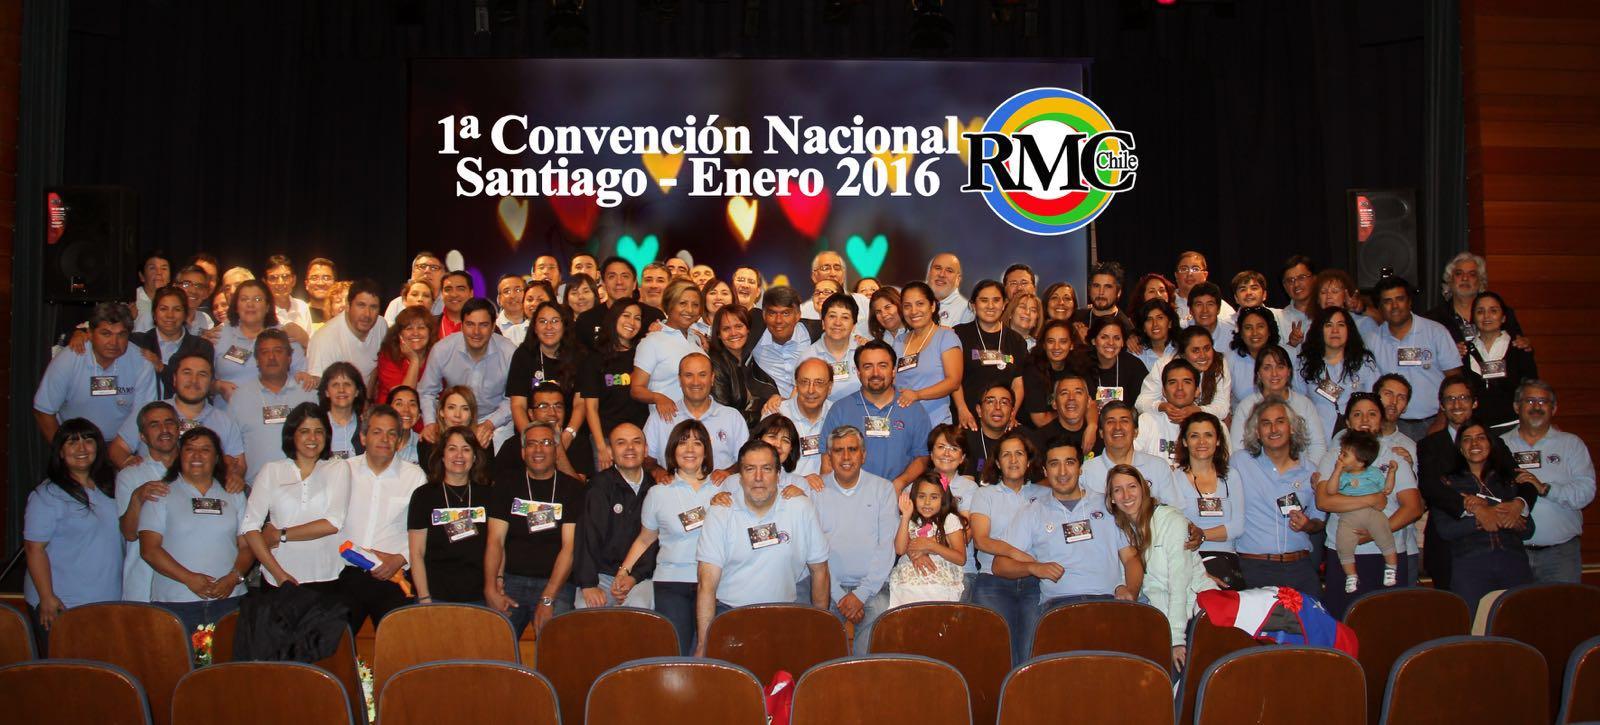 Después de cinco años, los Sudamericanos Conquistadores vuelven a llenar el estadio Barretos  Noticias